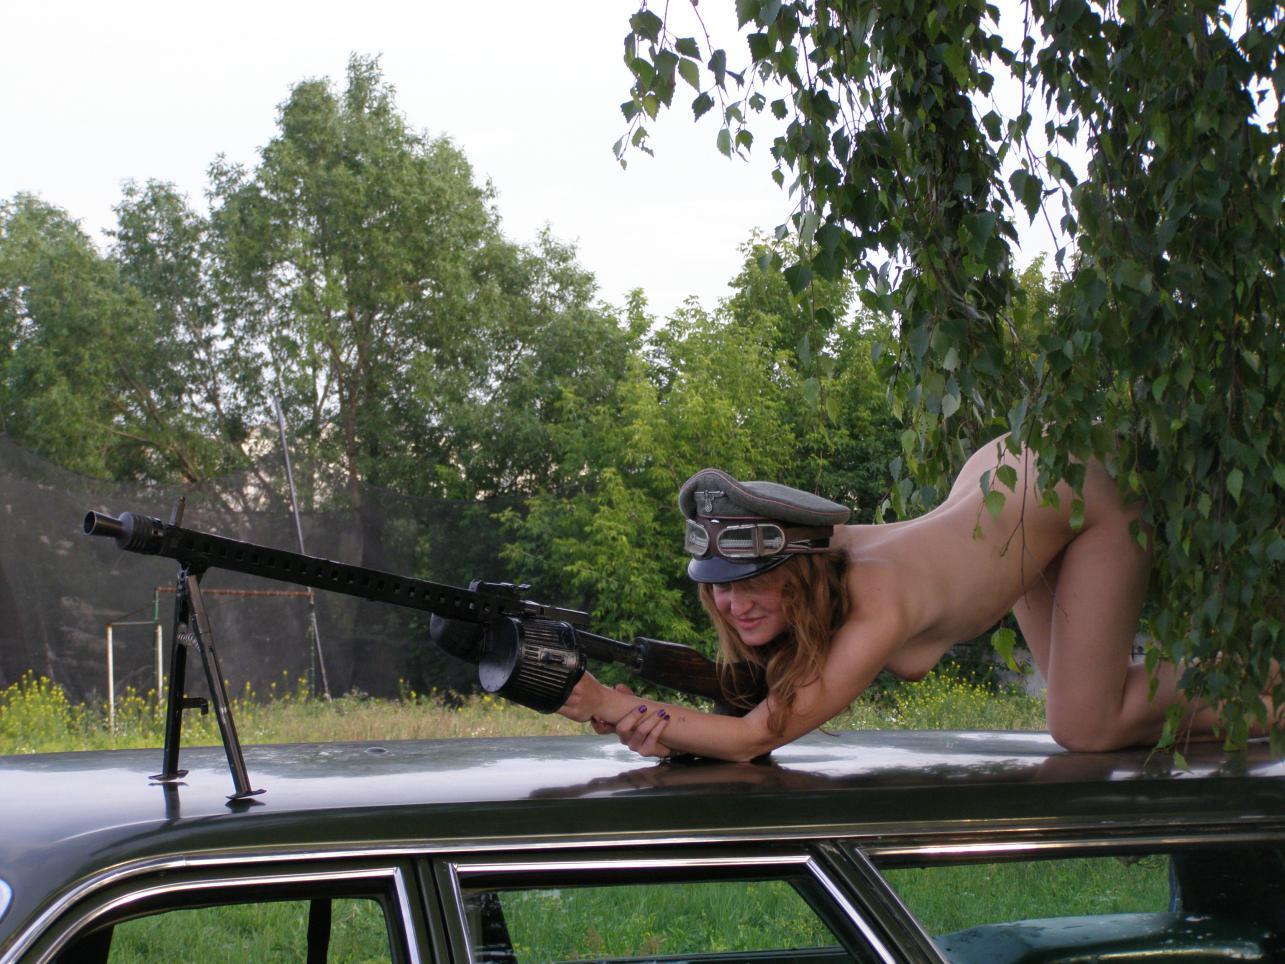 голая молодая немка с пулеметом